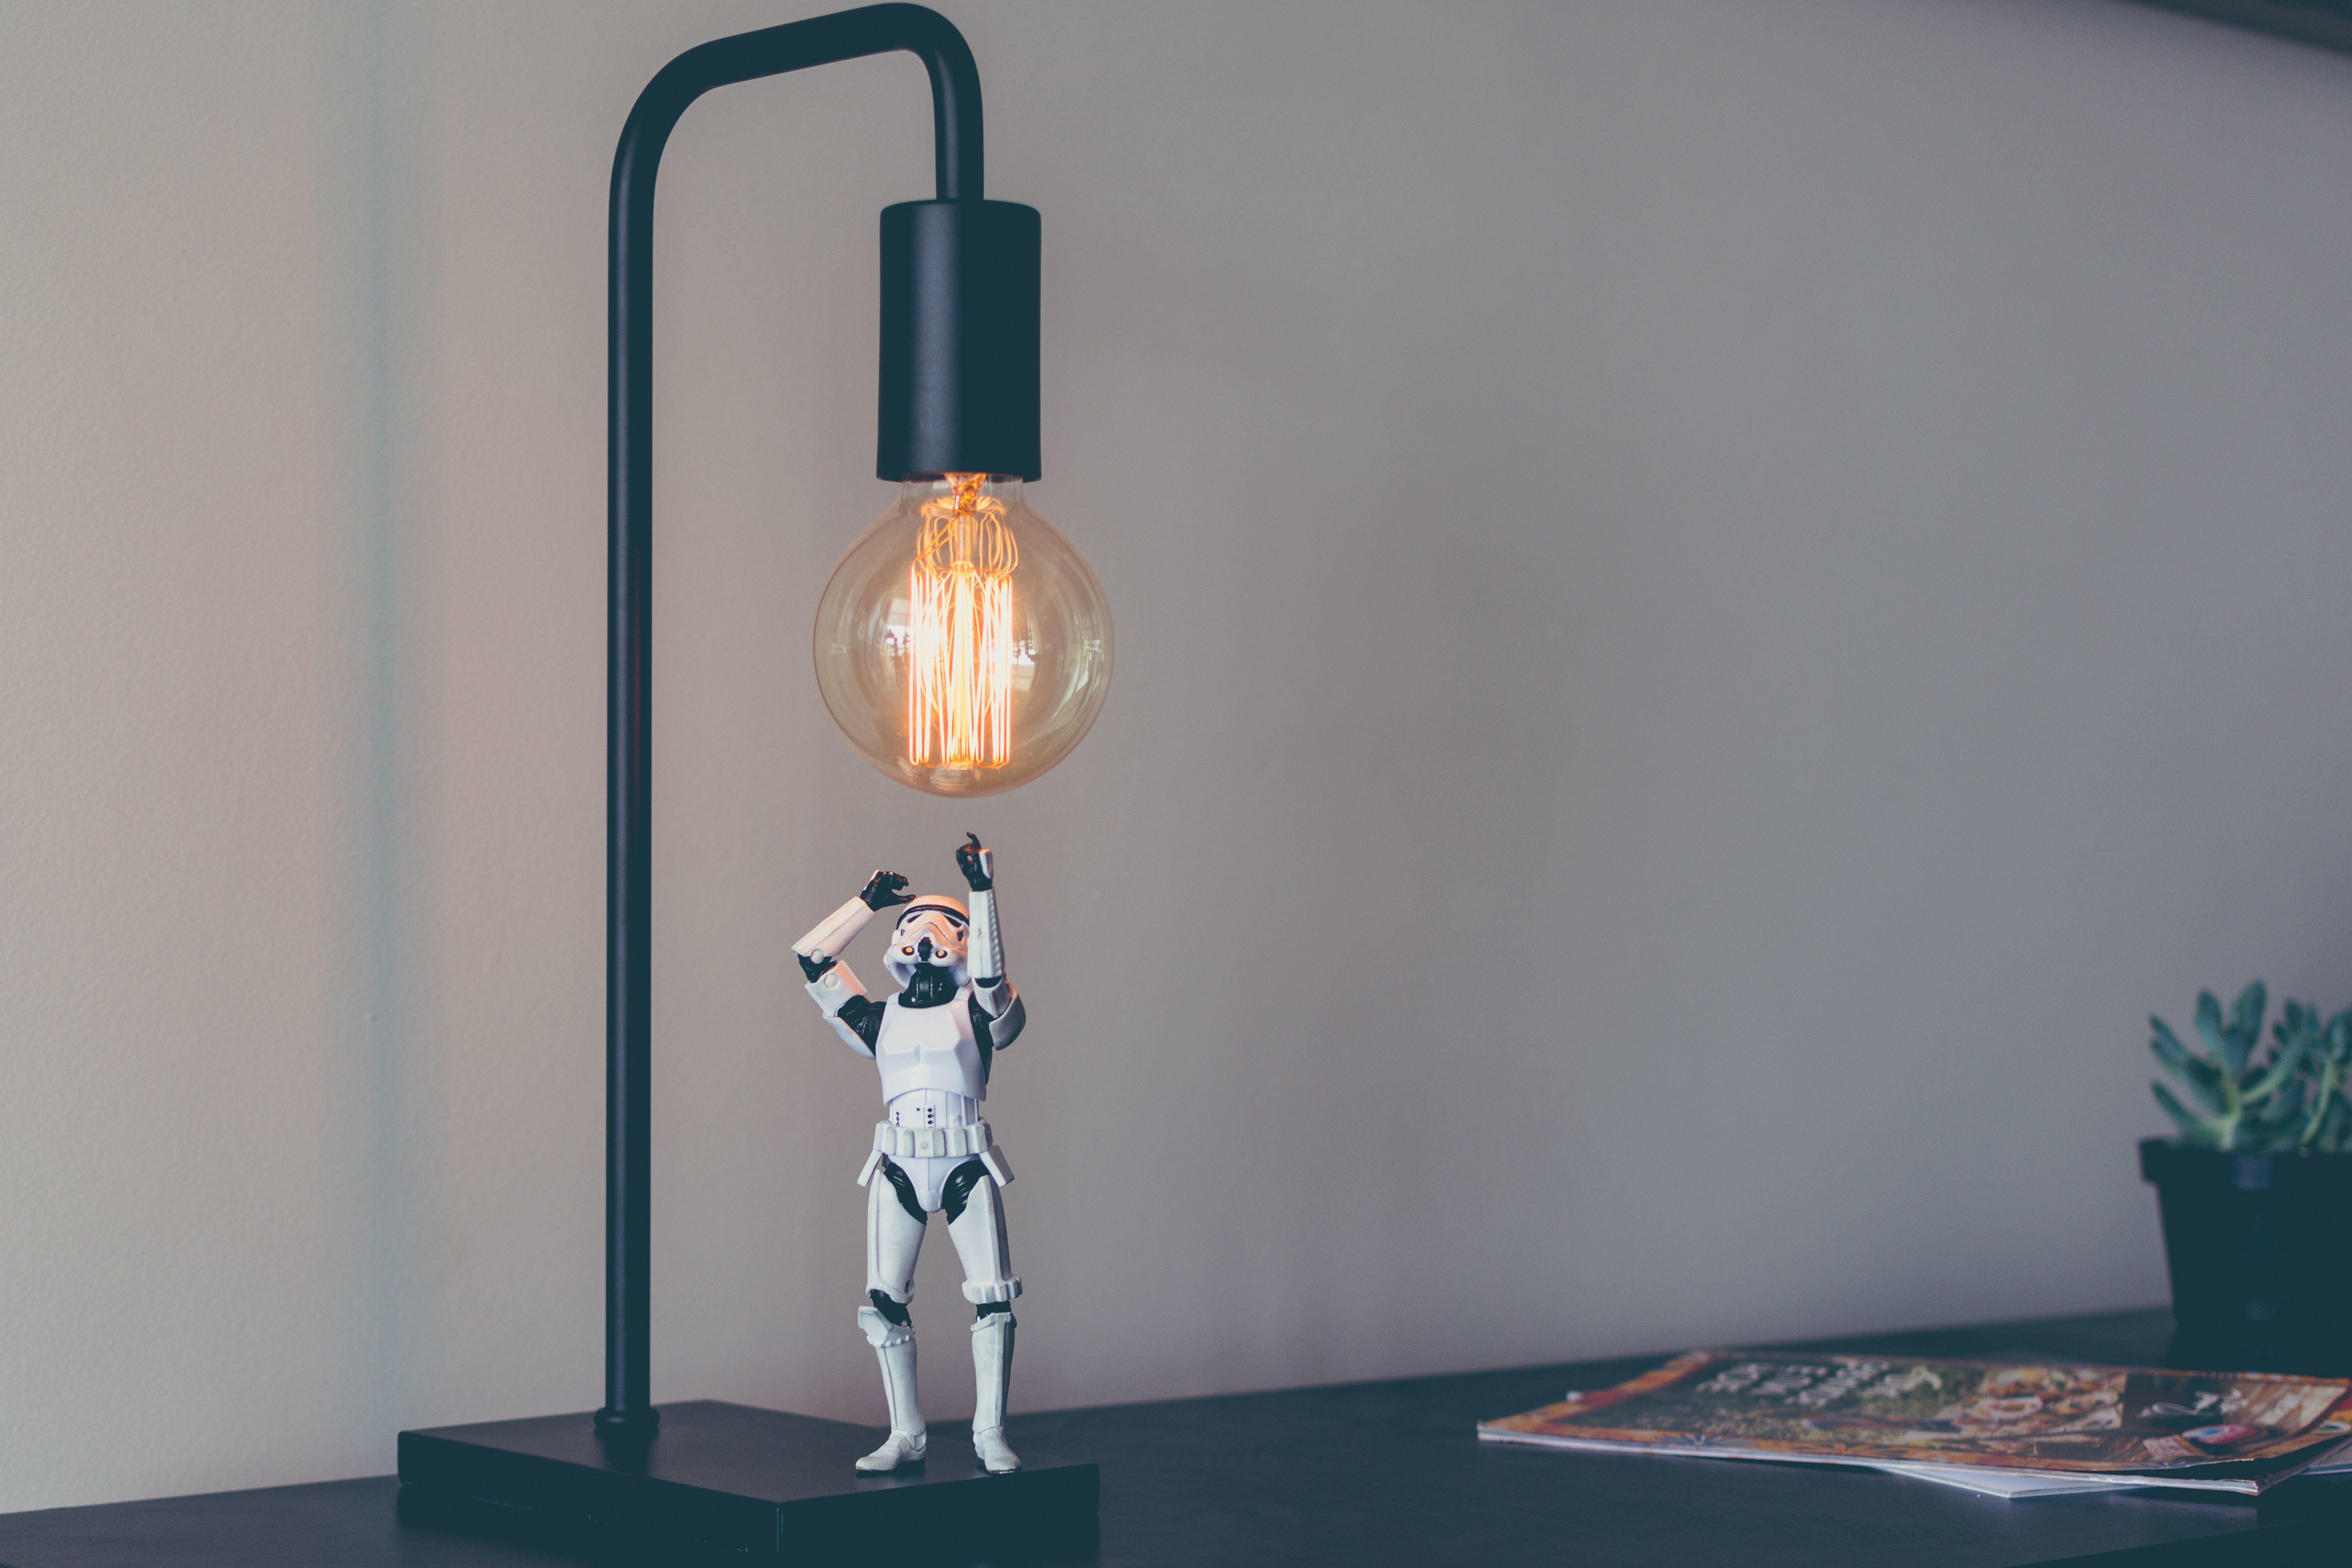 Lampen En Licht : Kostenlose bild: glühbirne dekoration elektrisch spielzeug lampe